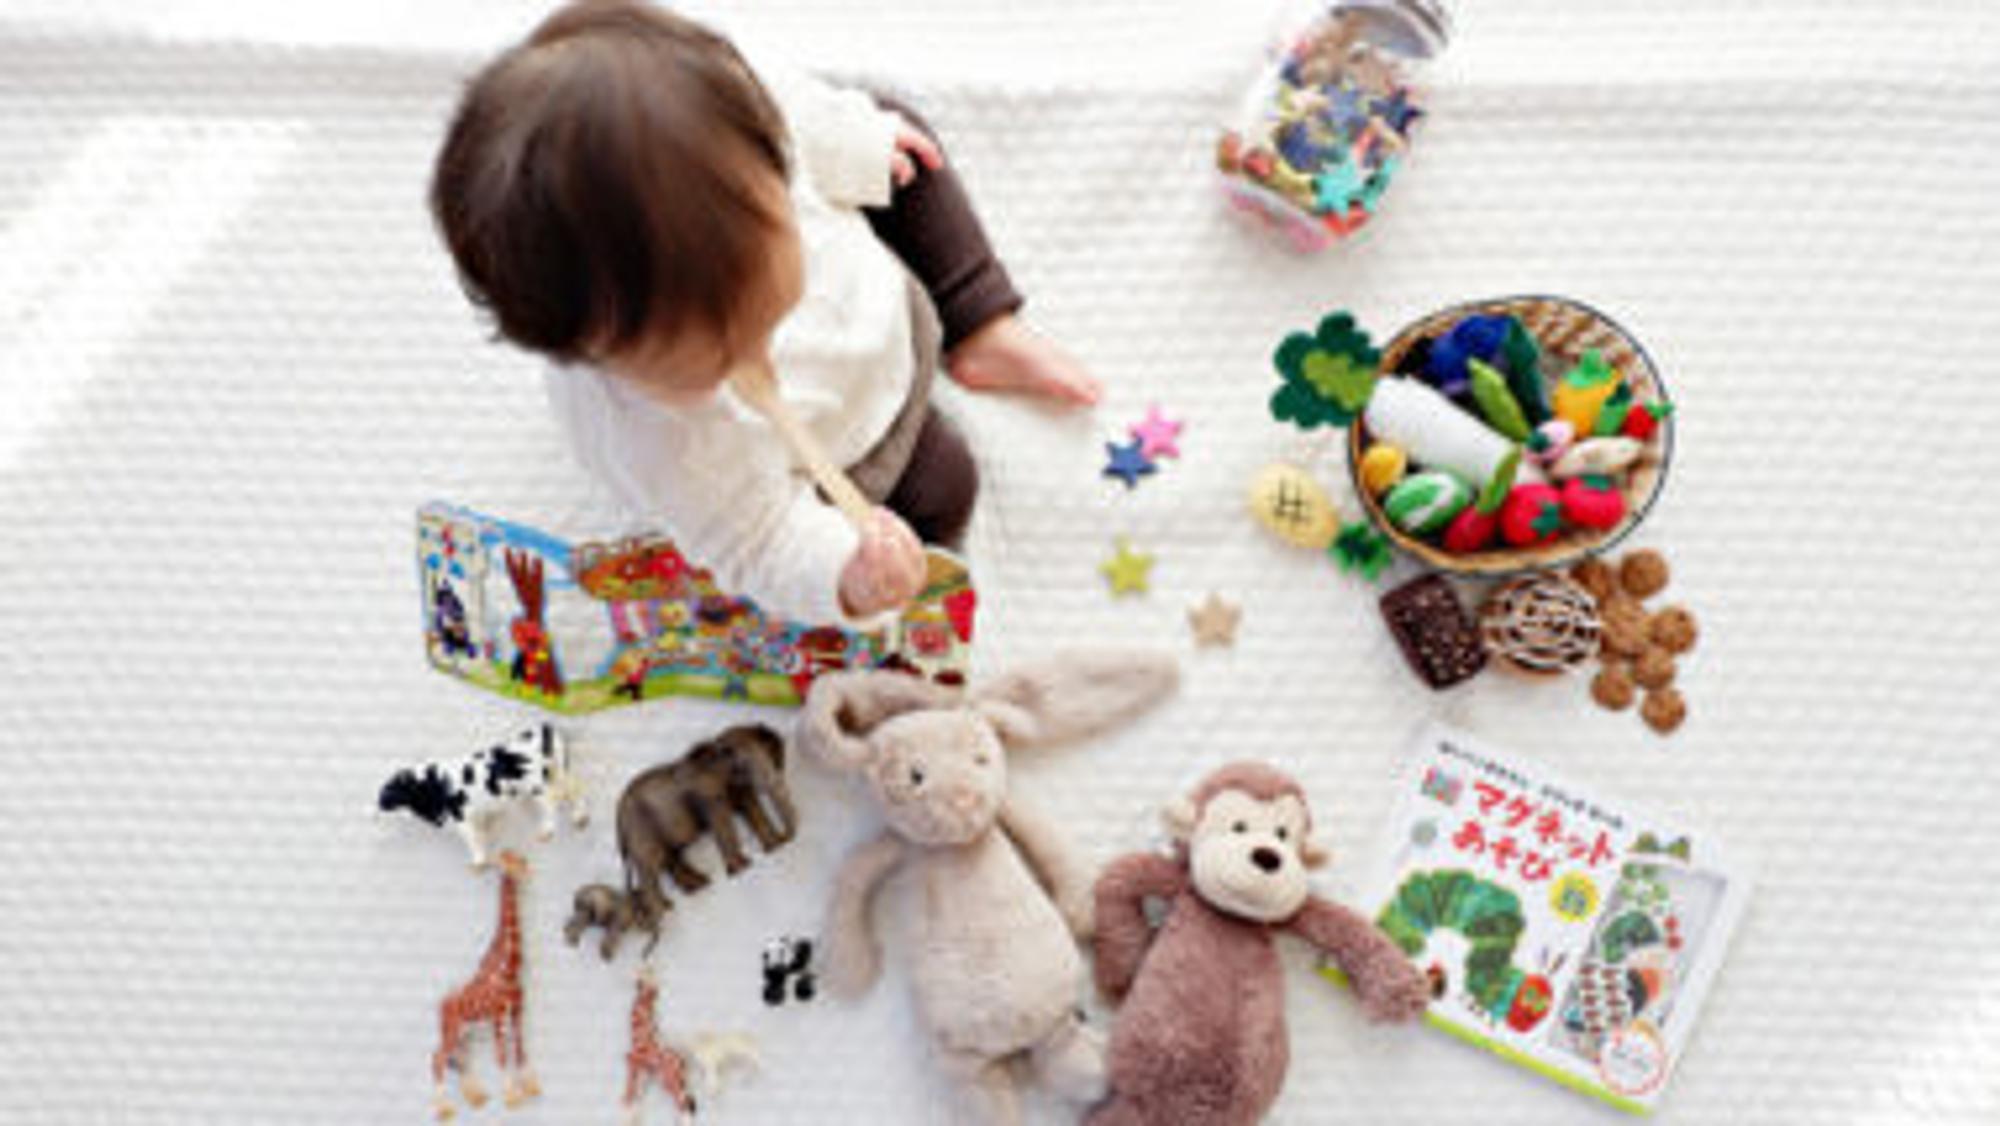 Kind spielt mit verschiedenen Spielsachen